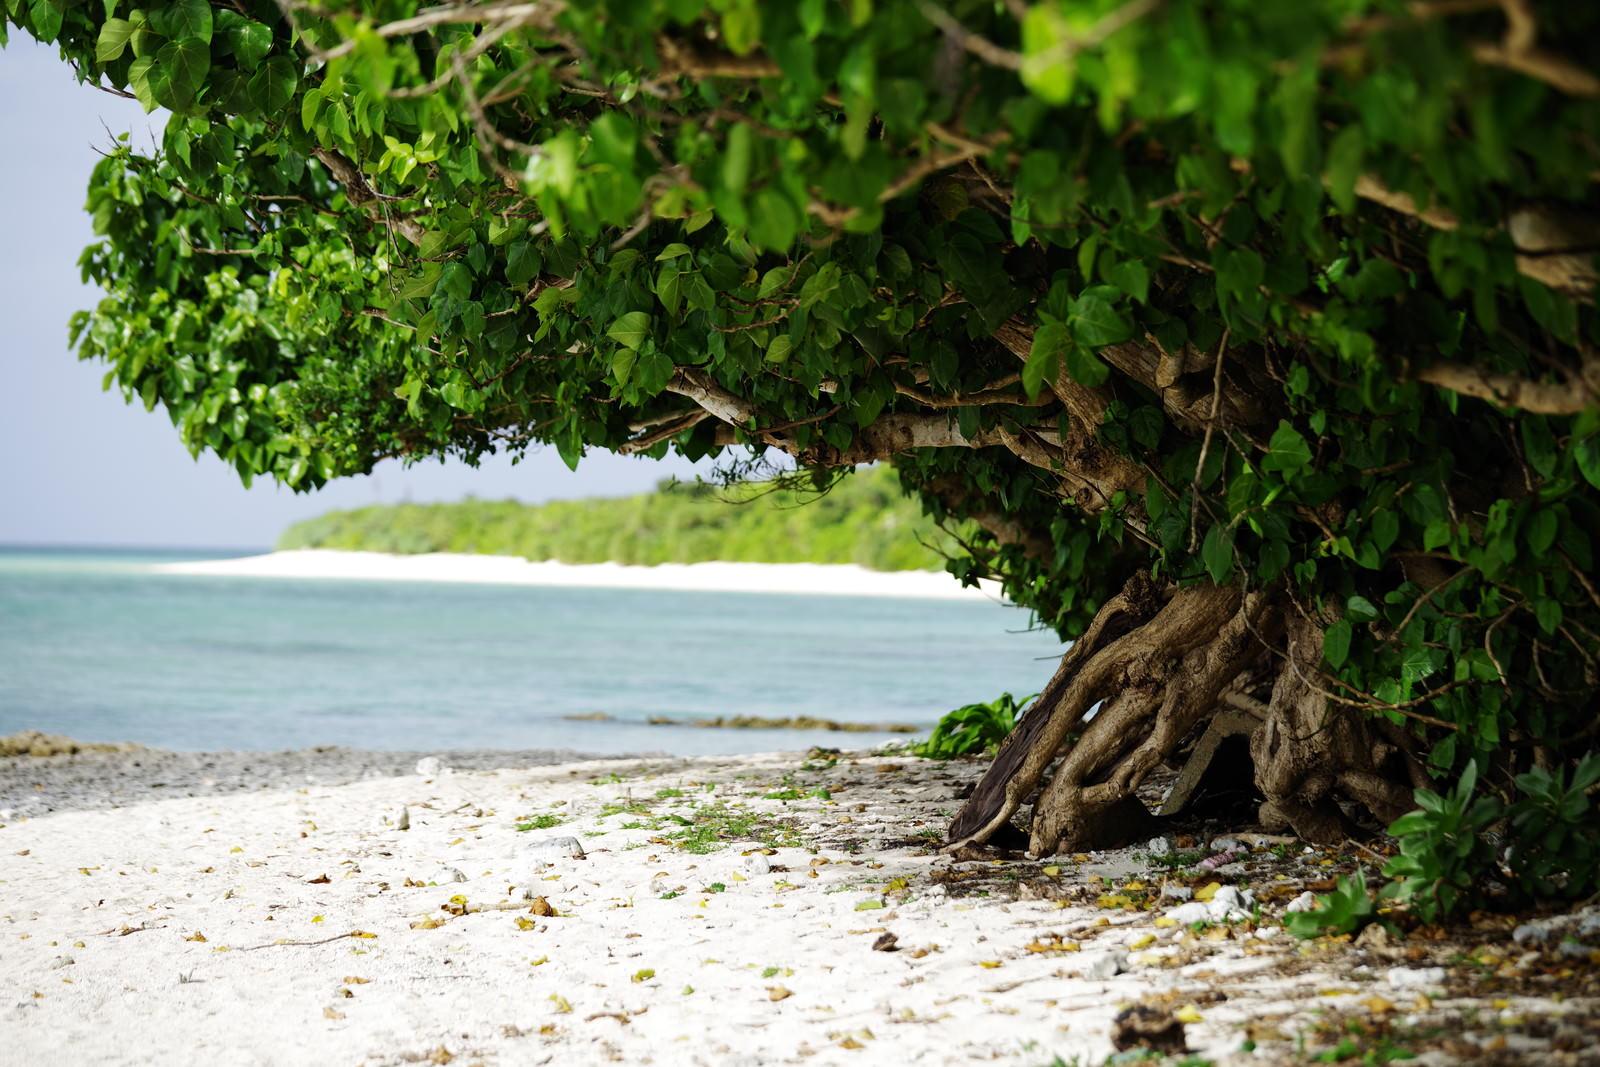 「南国の白い砂浜とガジュマルの木」の写真